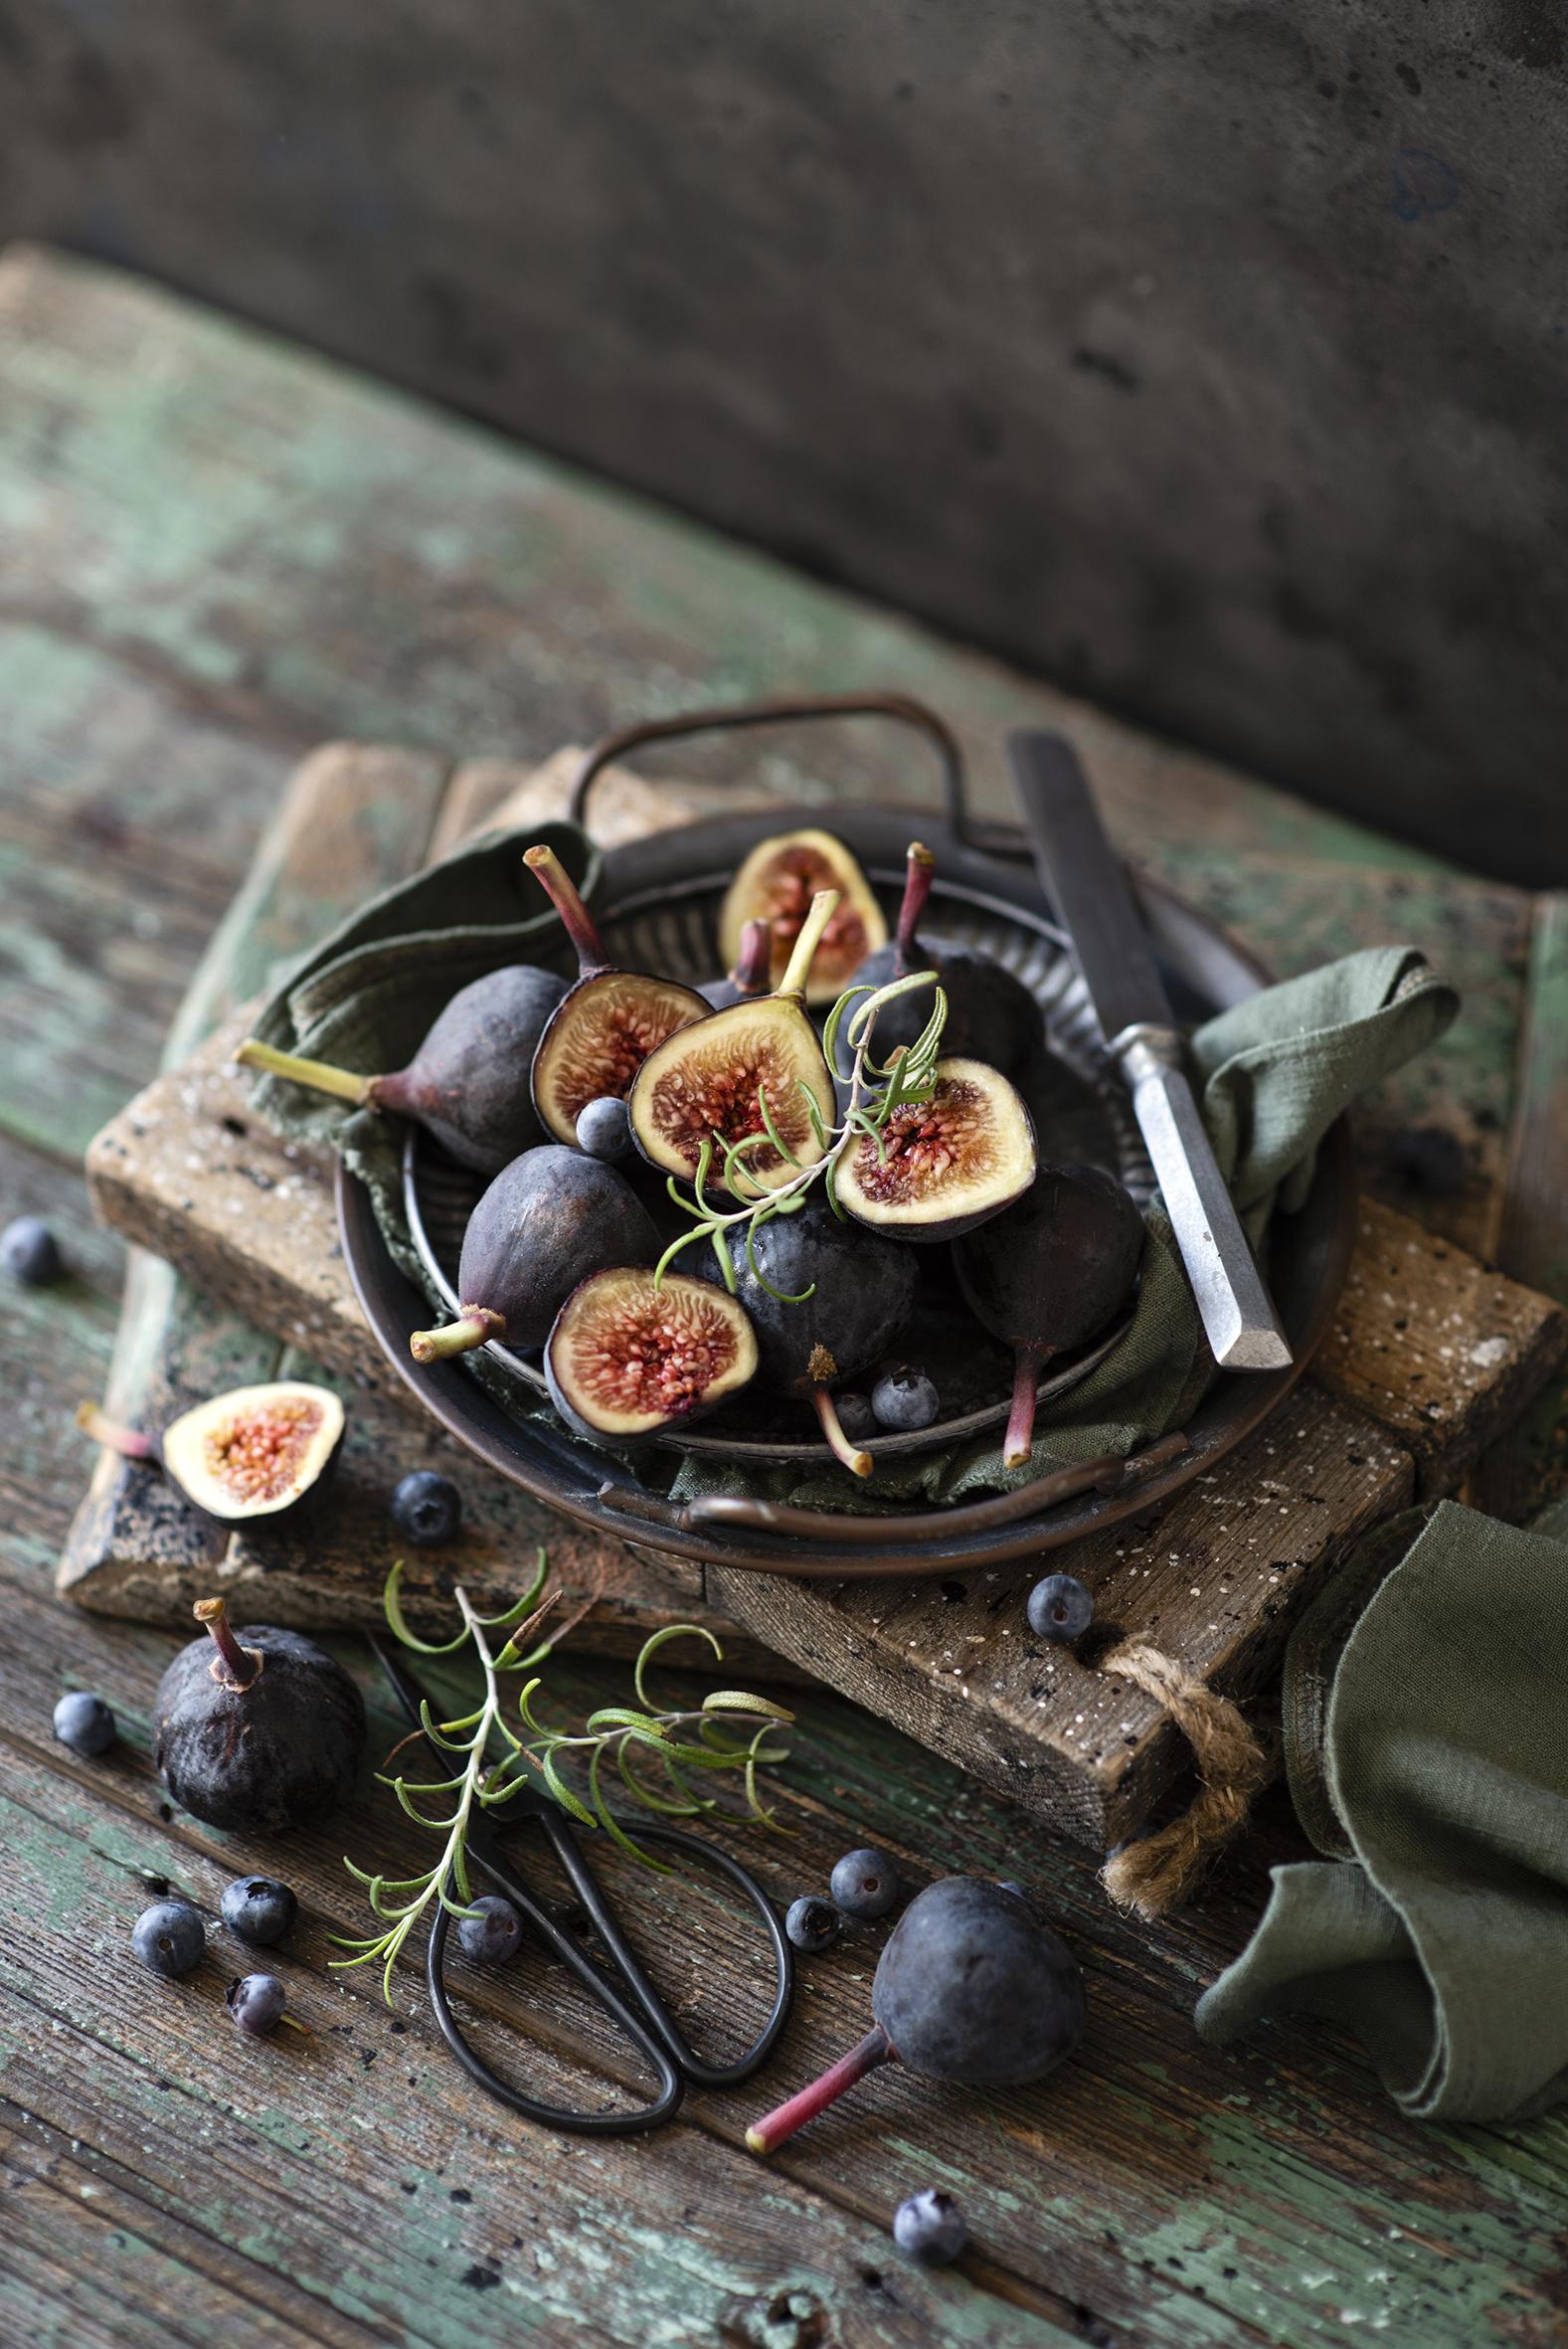 Фотография ножик Инжир Черника Еда Доски  для мобильного телефона Нож Пища Продукты питания